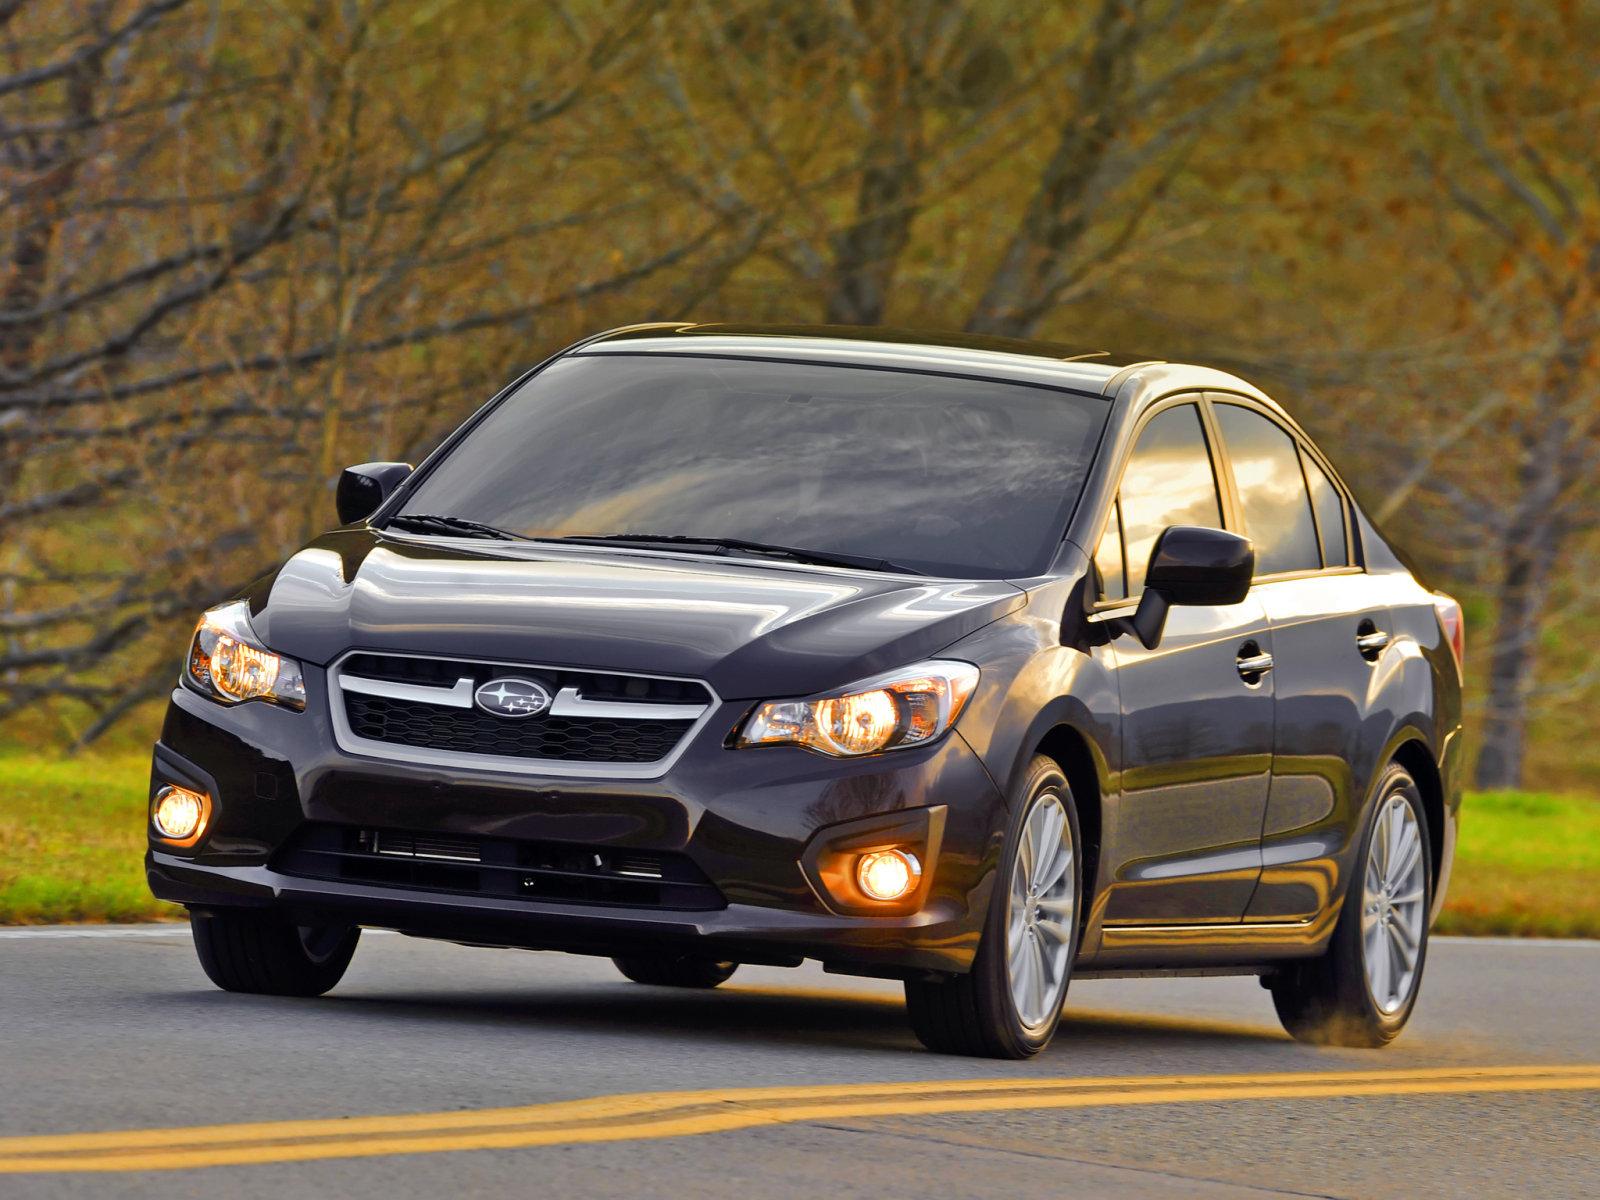 Фото экстерьера Subaru Impreza AL / 1.6 л. / вариатор.